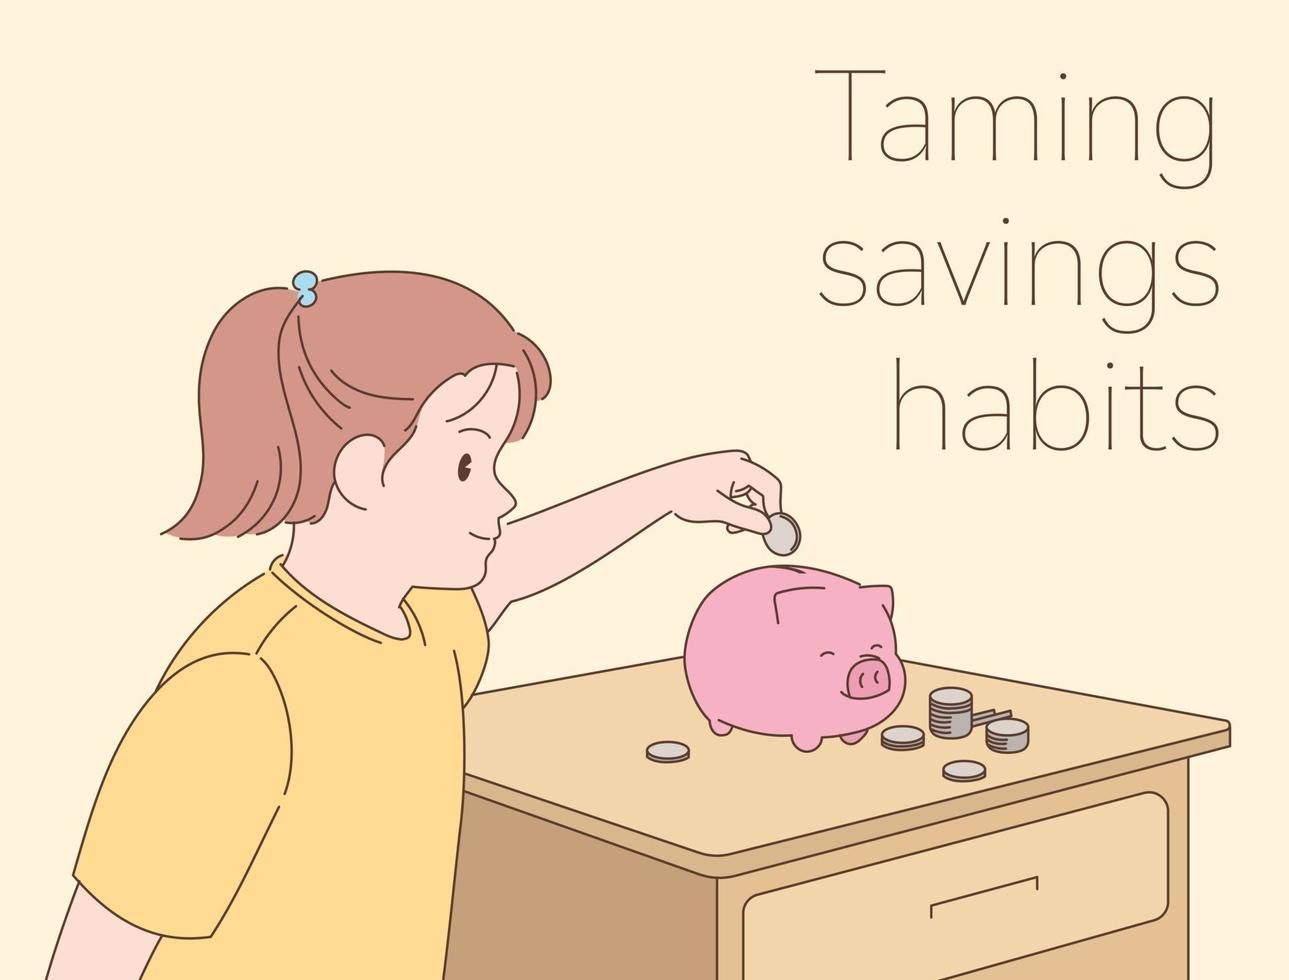 uma garota está colocando uma moeda em um cofrinho. mão desenhada estilo ilustrações vetoriais. vetor